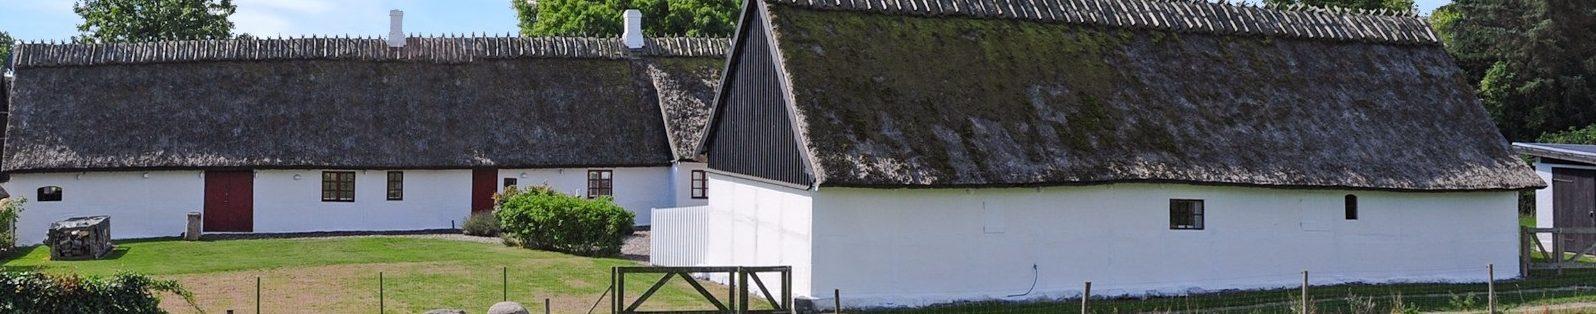 Strågården - en perle på Nyord!